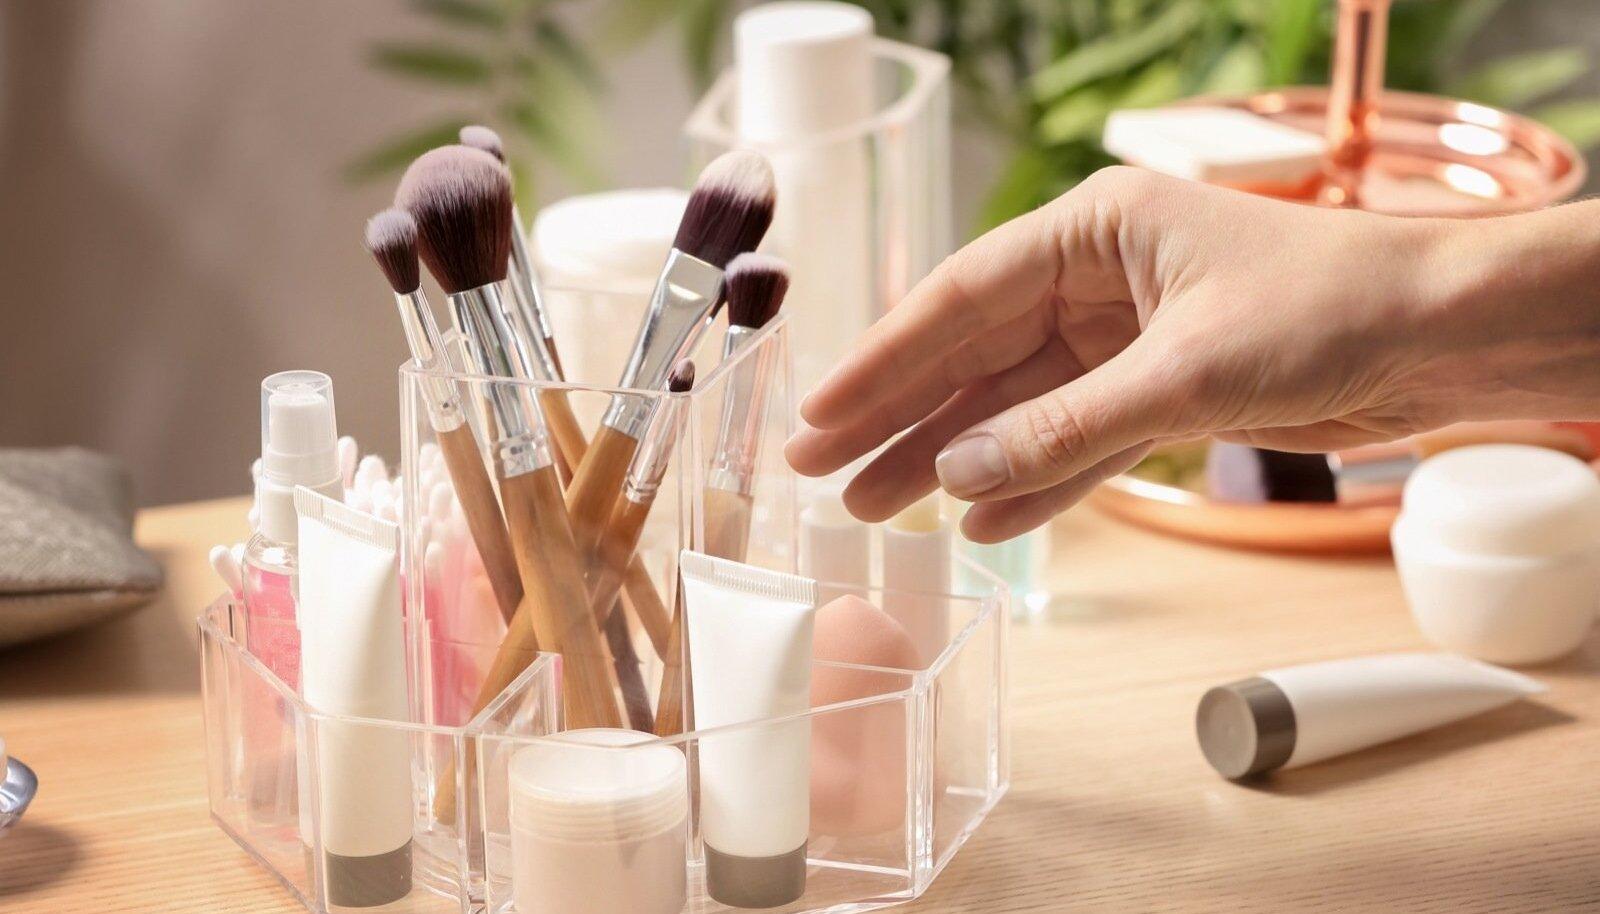 Kosmeetikavahendeid soovitatakse säilitada toatemperatuuril